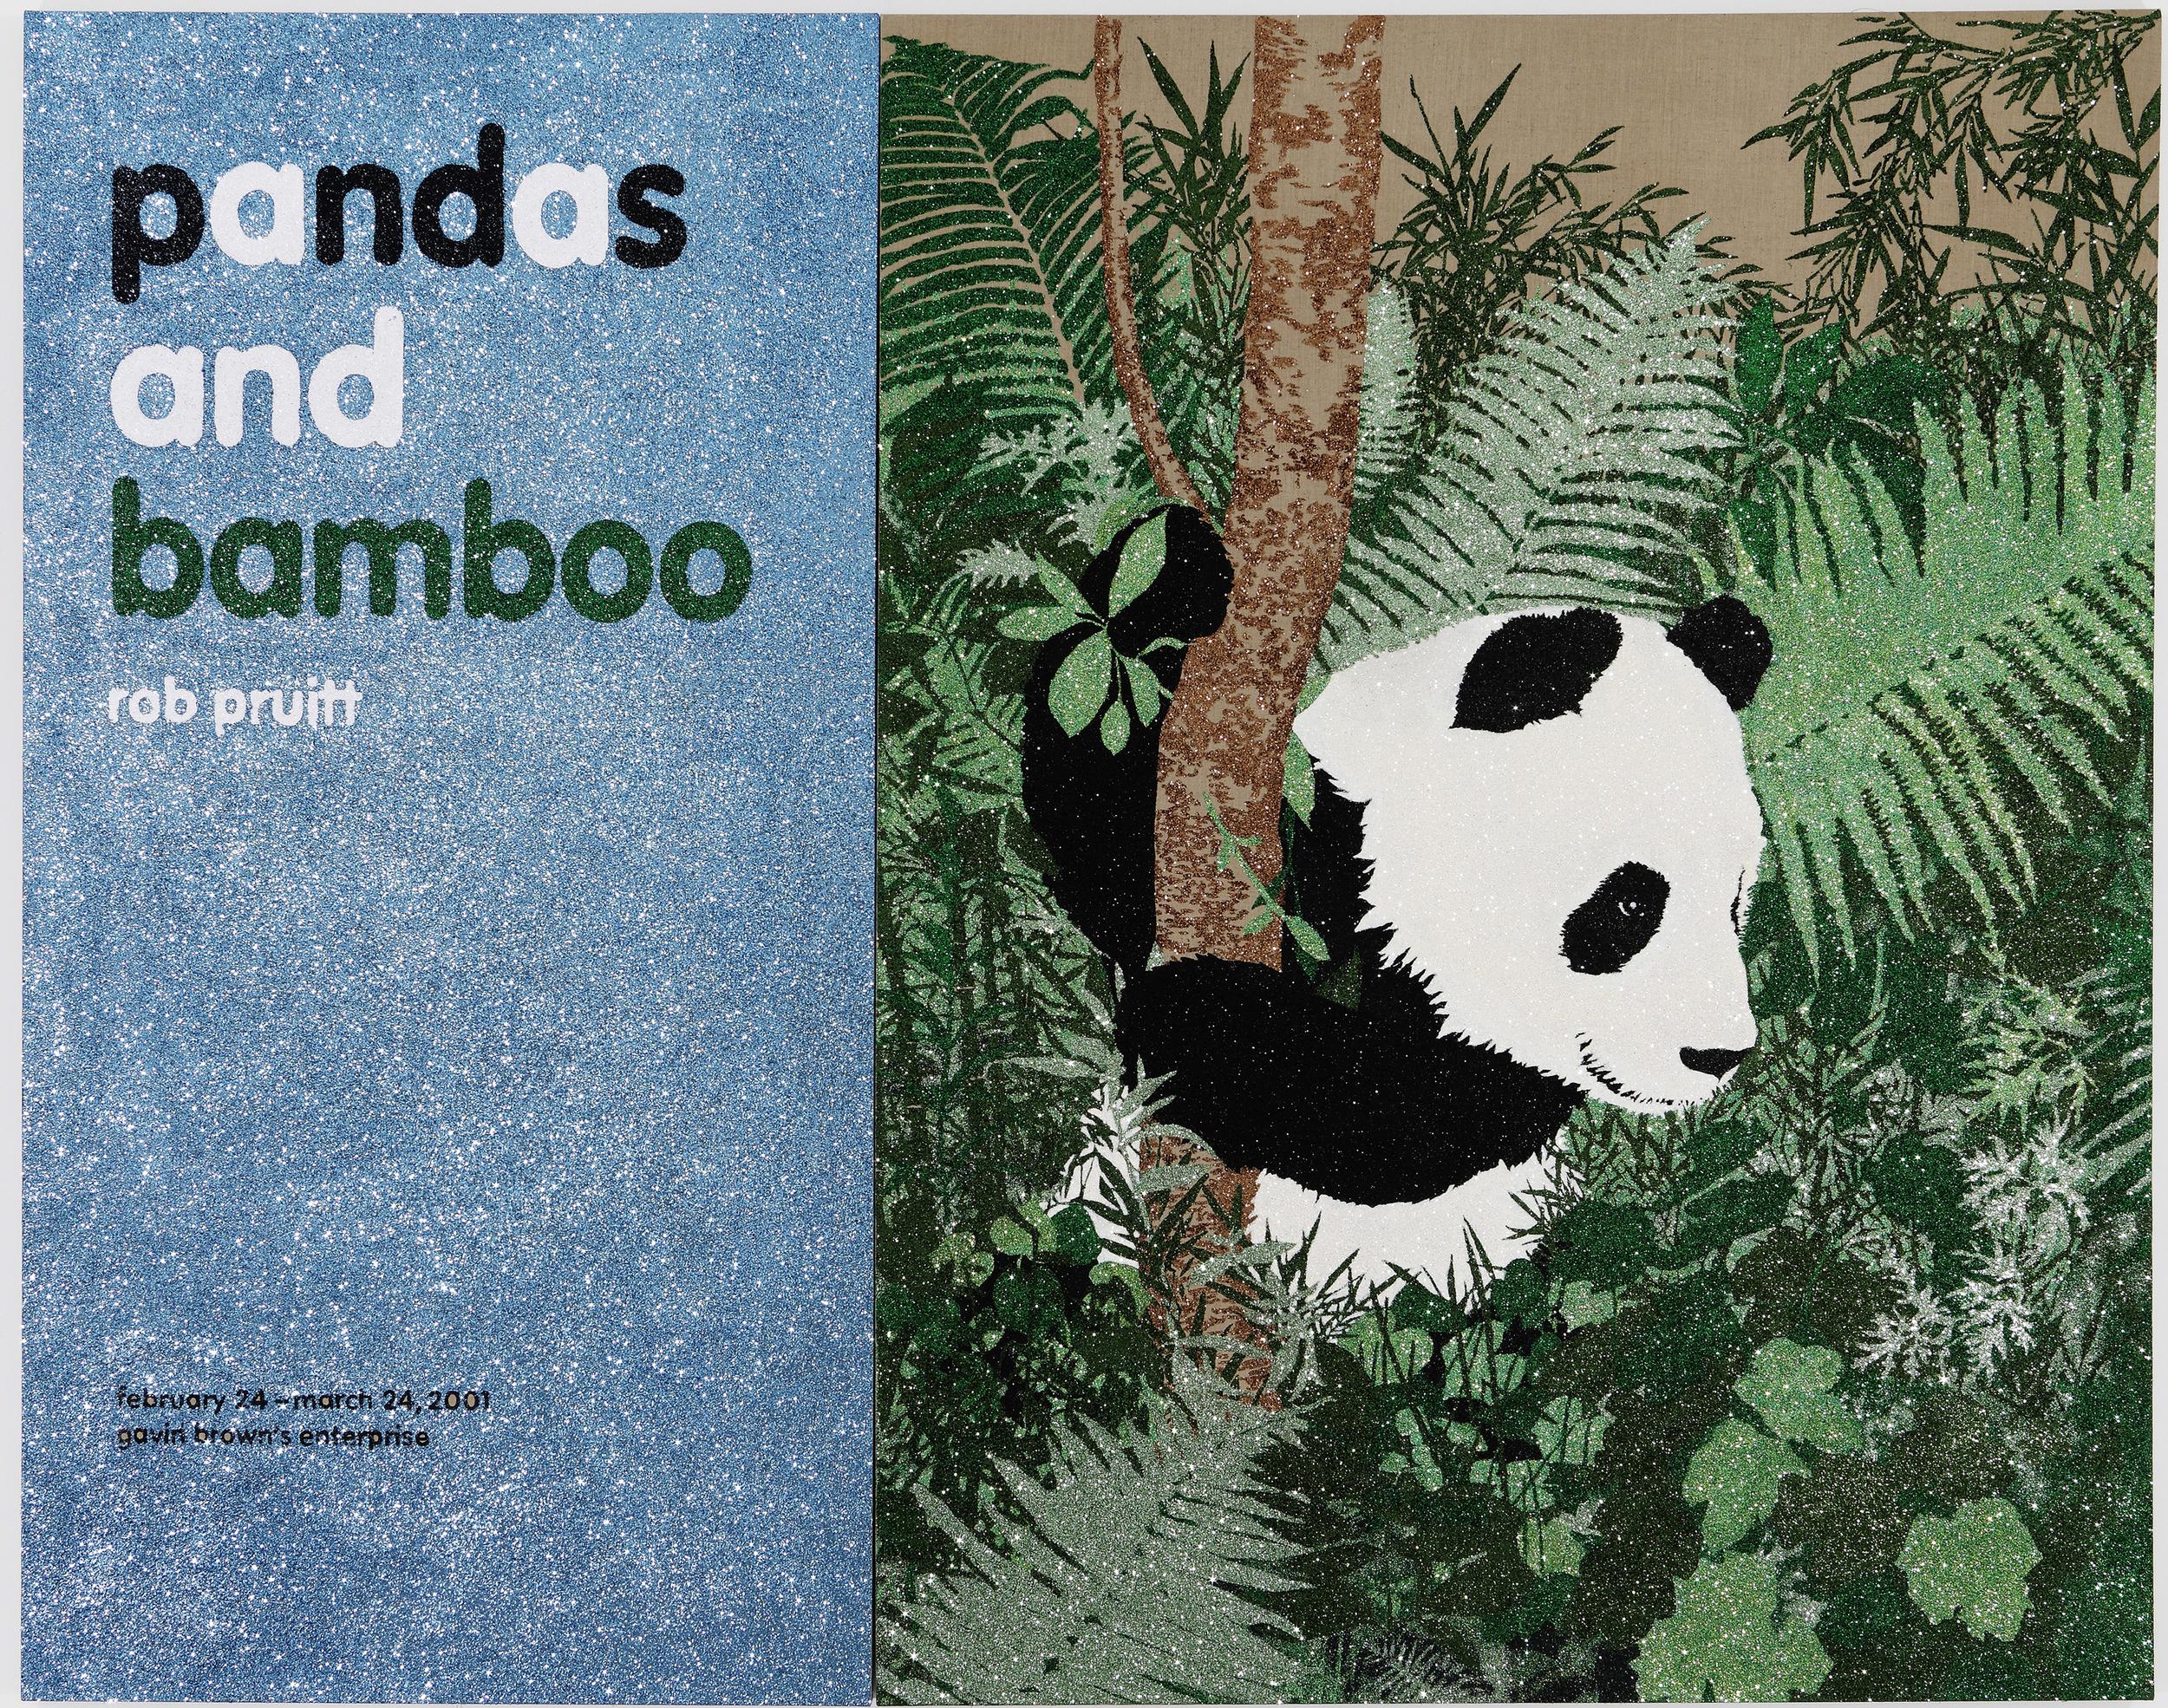 Baby Panda, Mother Earth